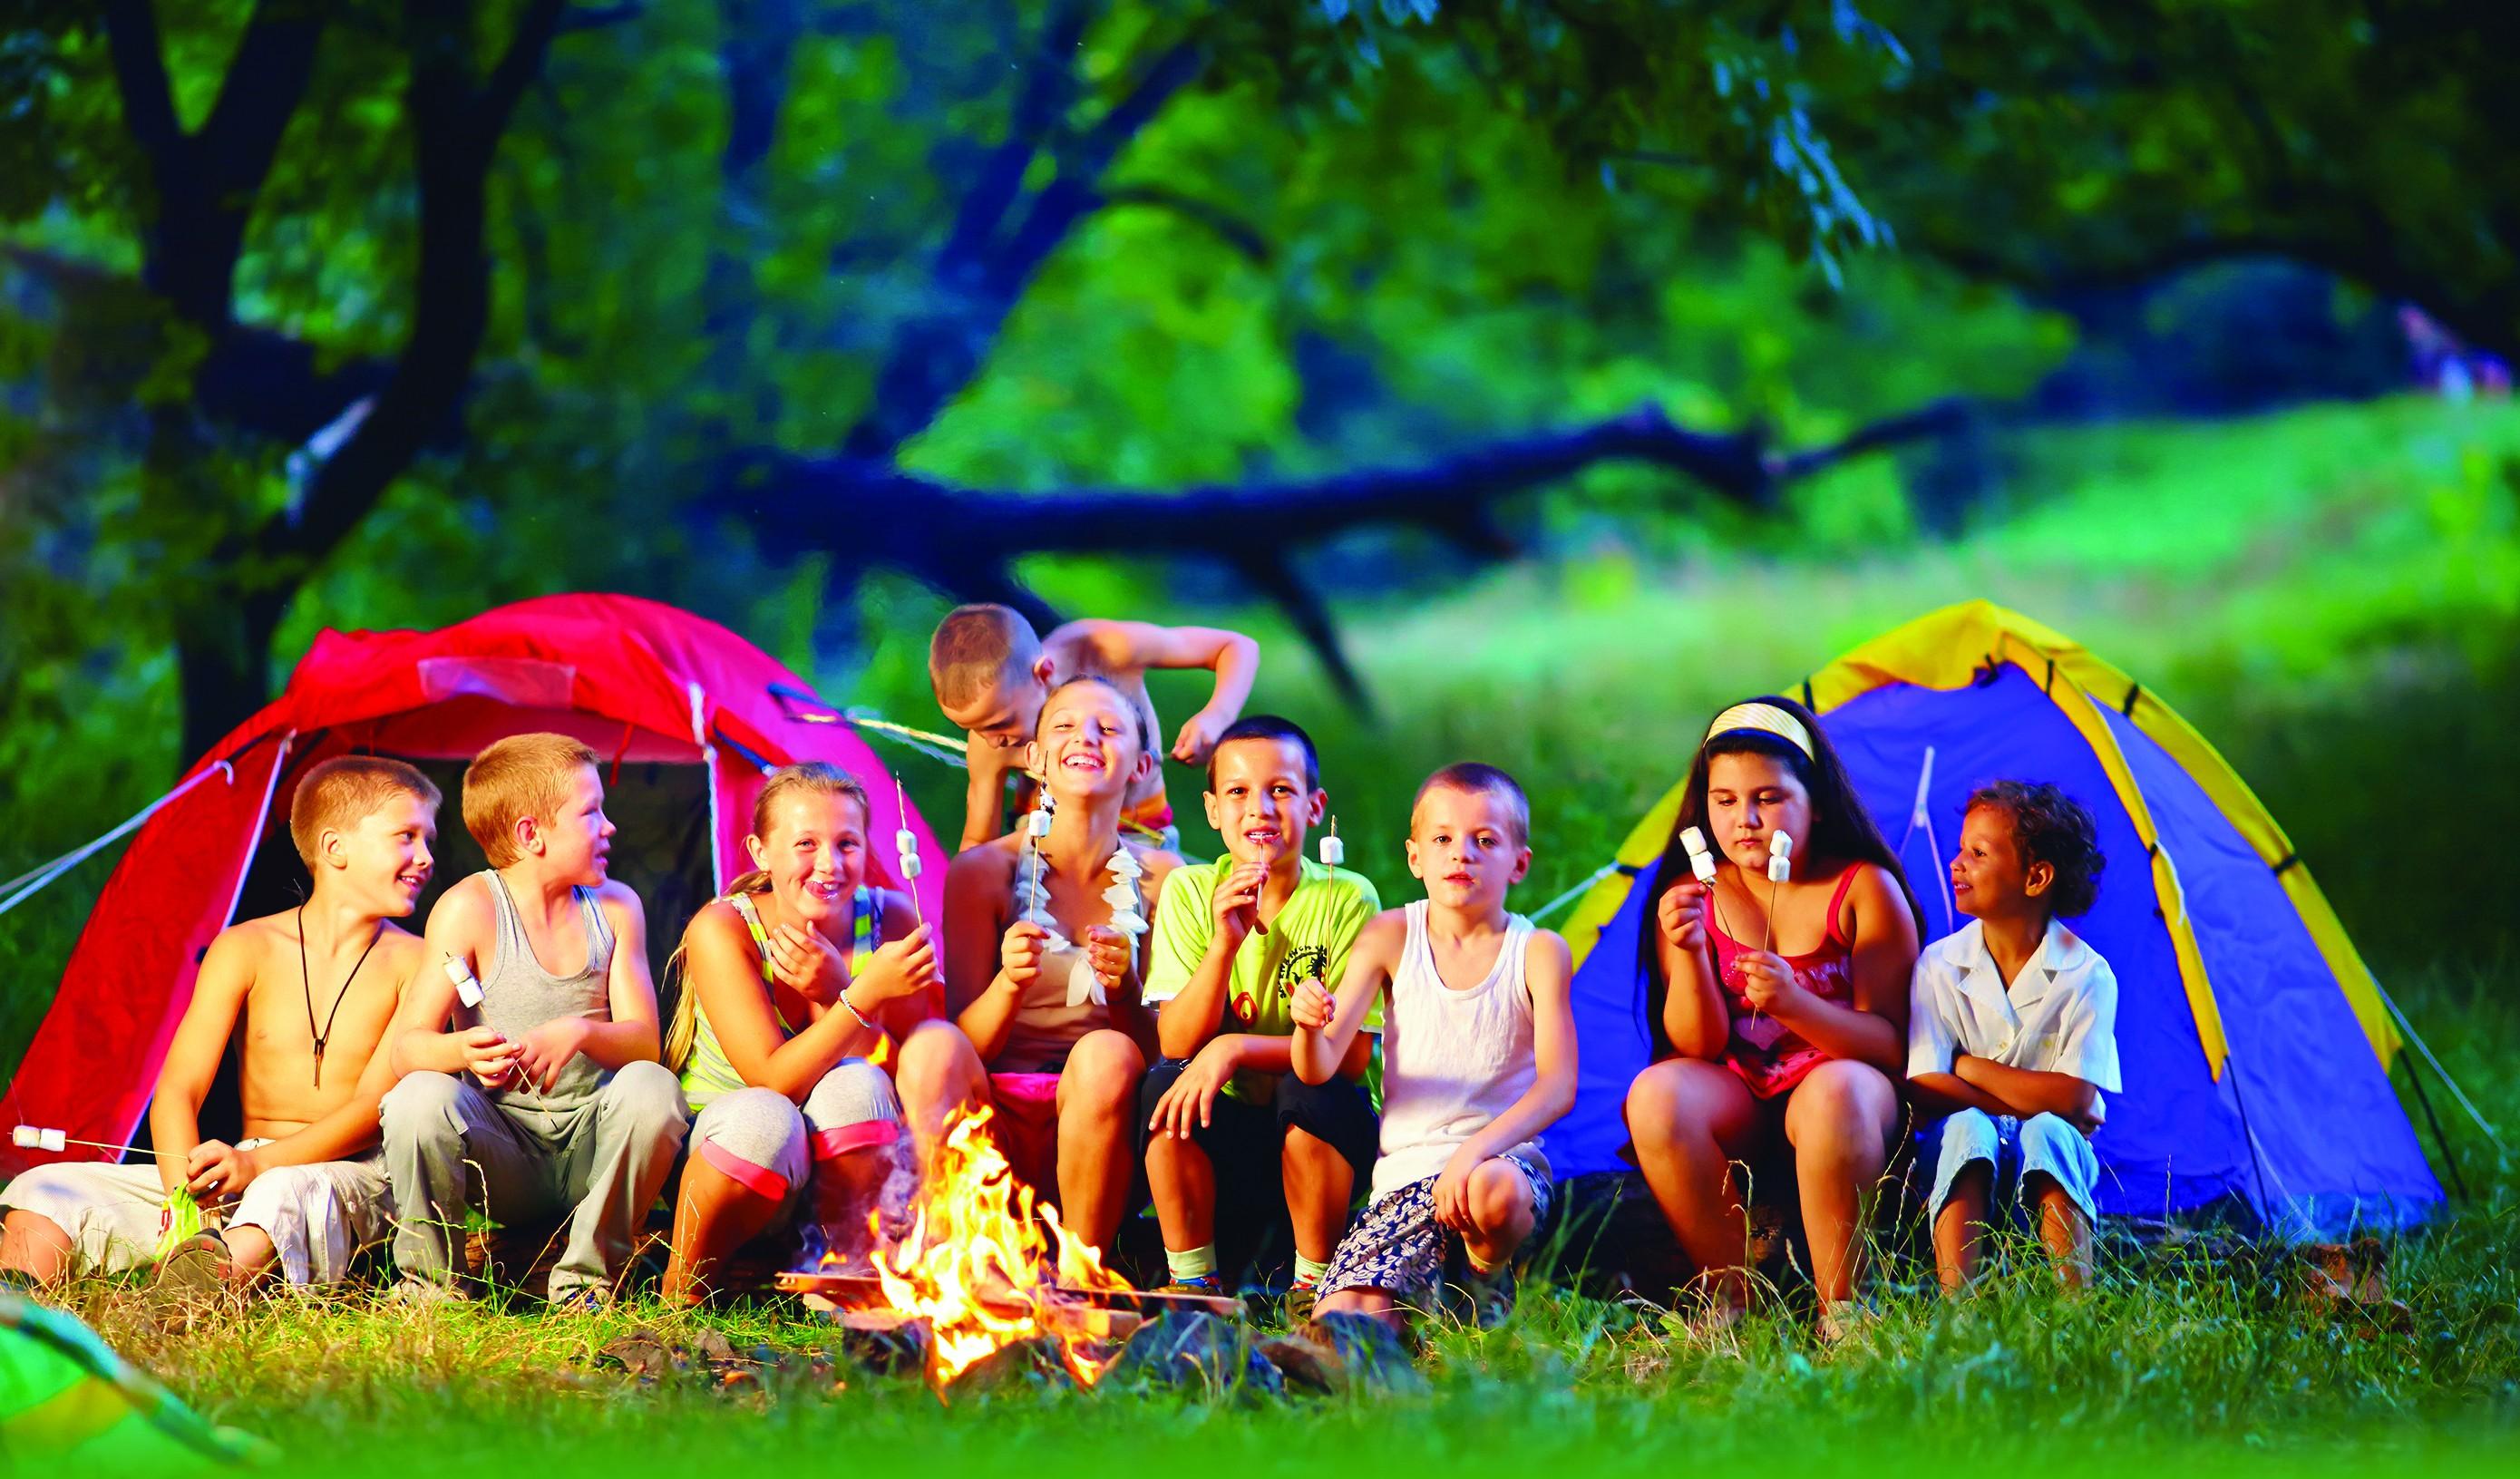 Δώστε στα παιδιά σας την ευκαιρία να ζήσουν την πιο διασκεδαστική κατασκήνωση και να γνωρίσουν νέους πολιτισμούς